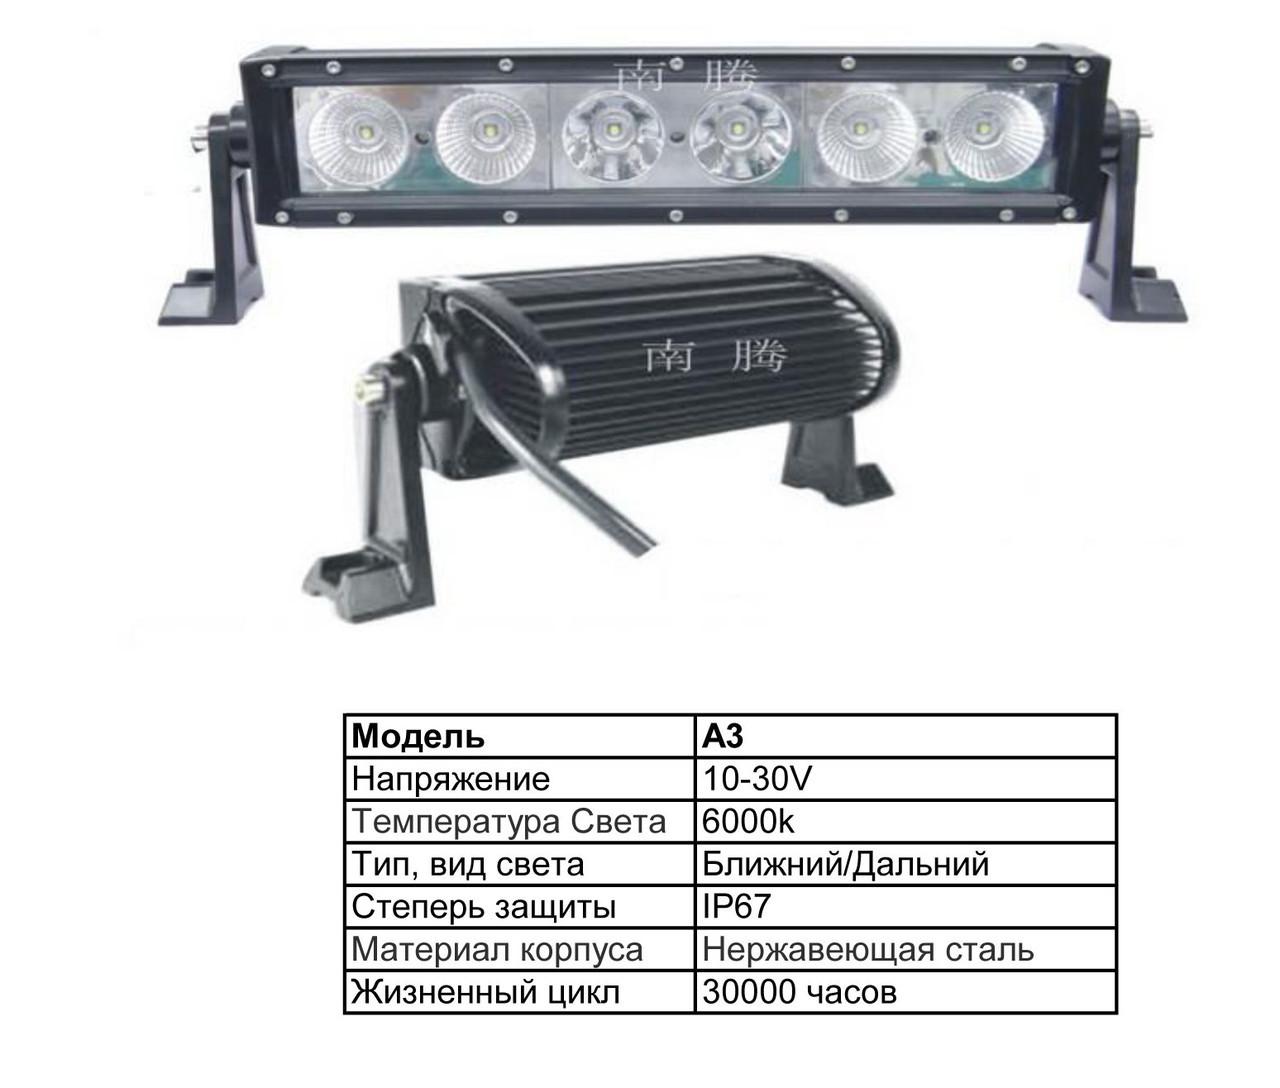 Дополнительные светодиодные фары дальнего света  А3-100W